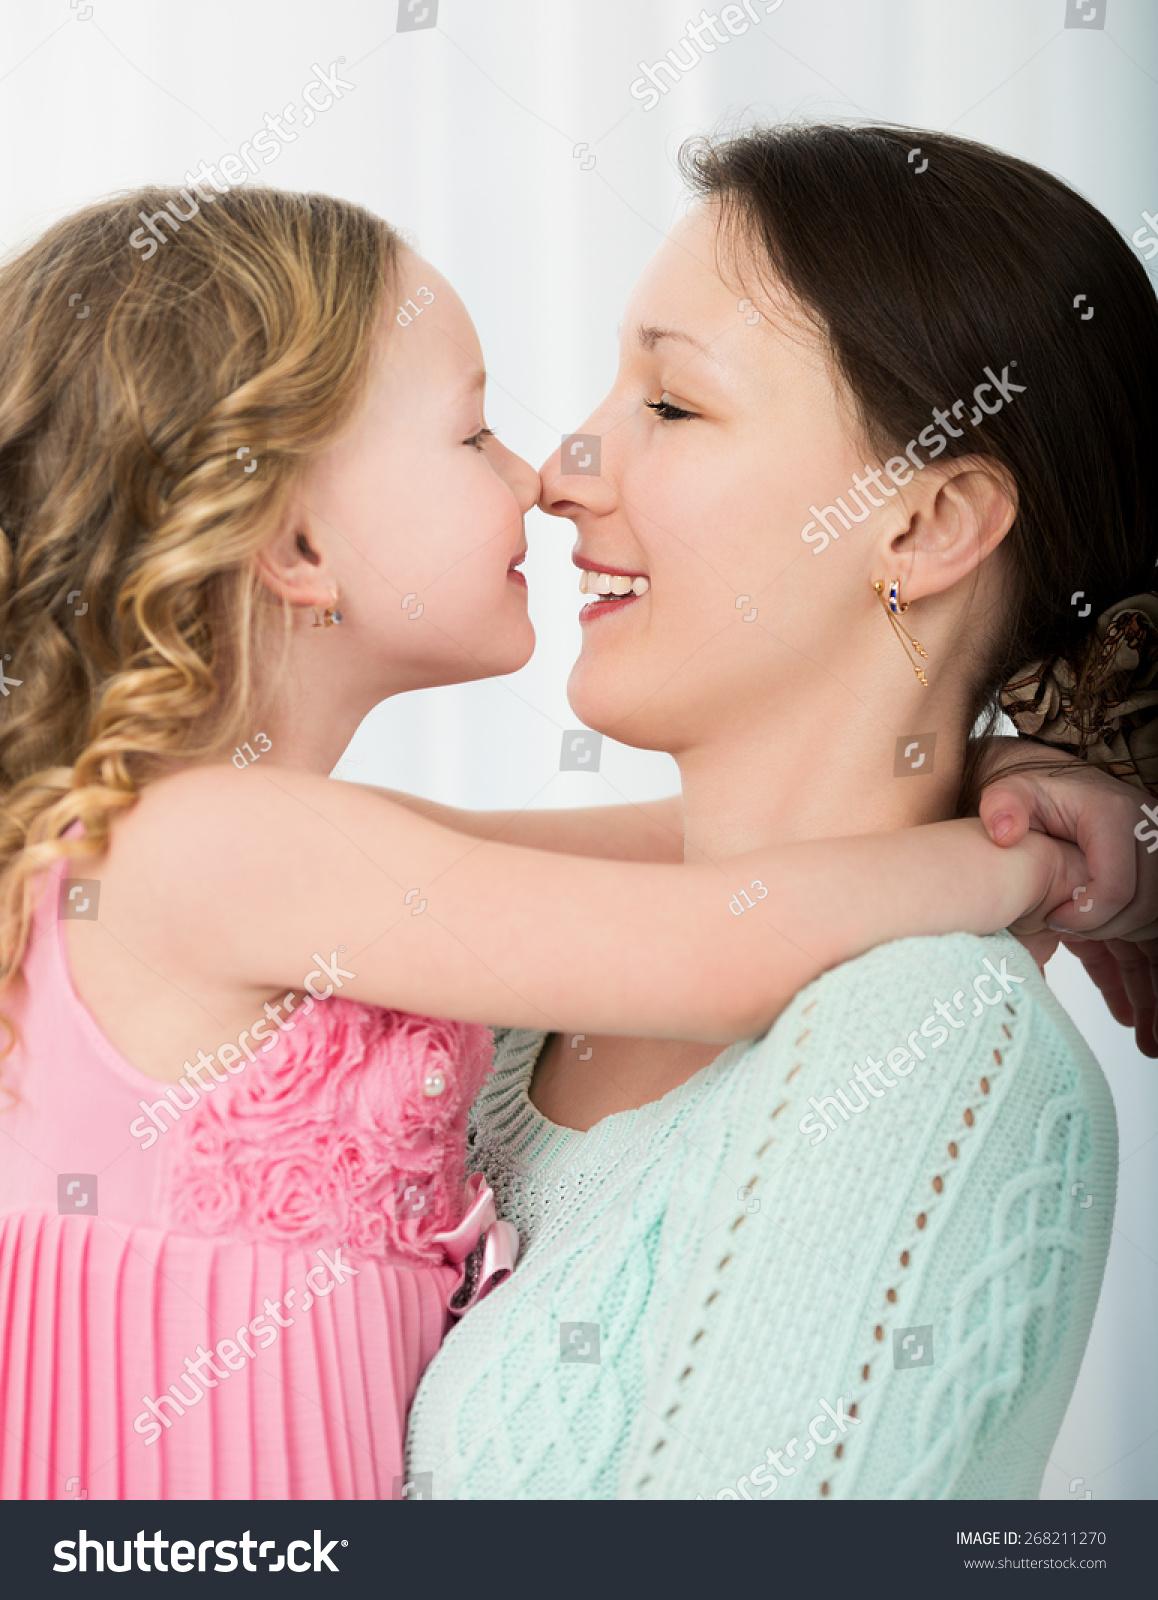 Смотреть как целуются дочка с мамой 13 фотография